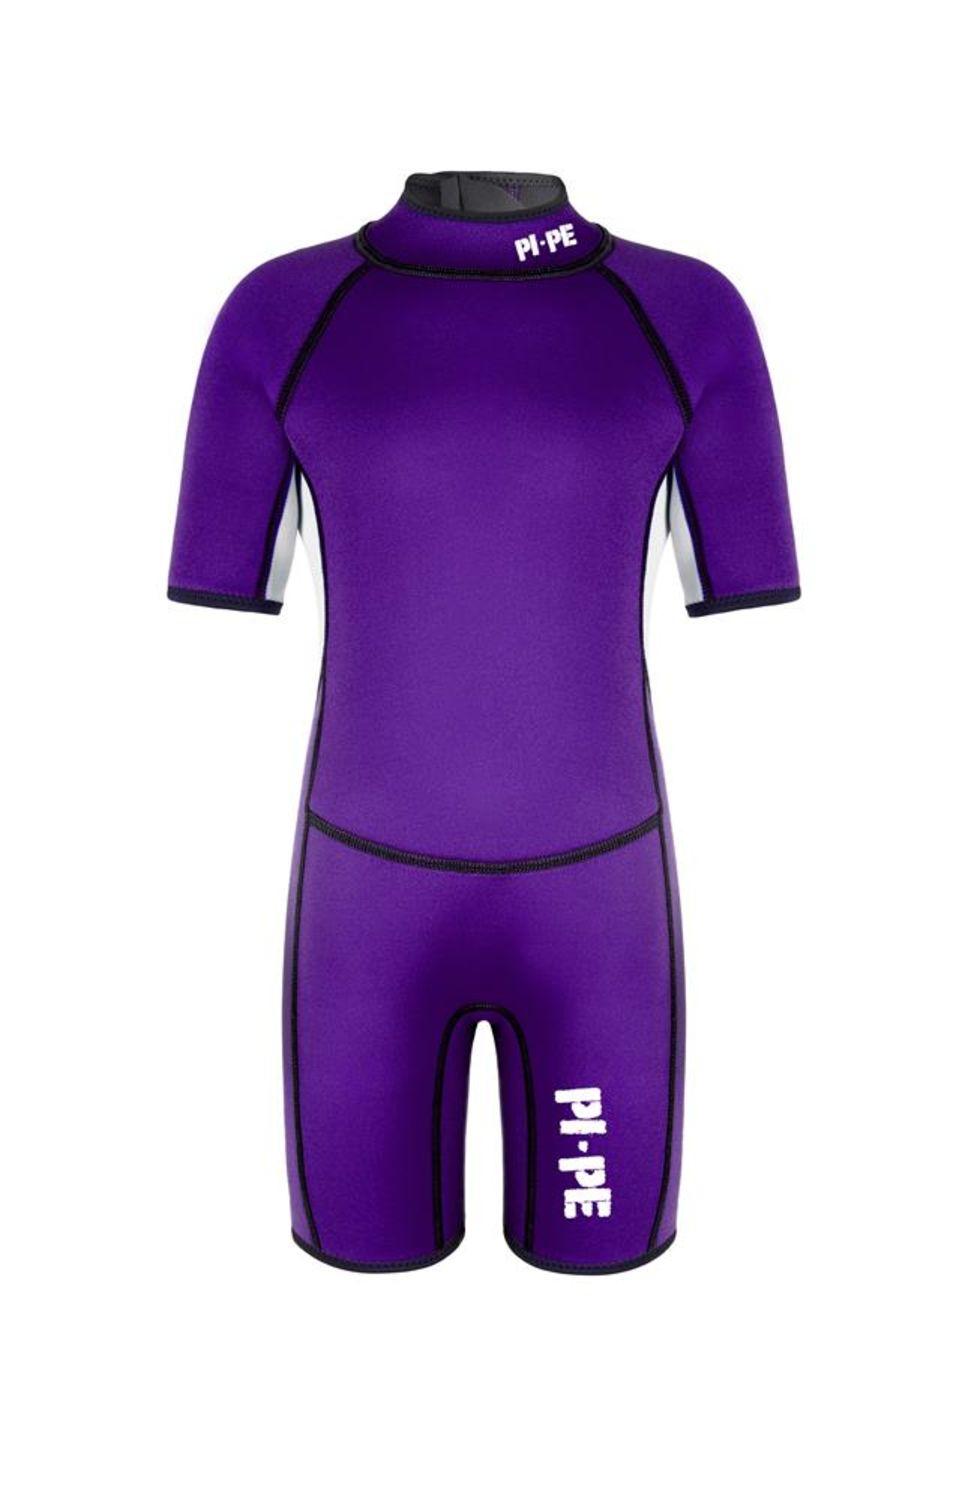 PI-PE Neoprenanzug Active Spring S//S S Red Surfanzug Schwimmanzug Tauchanzug